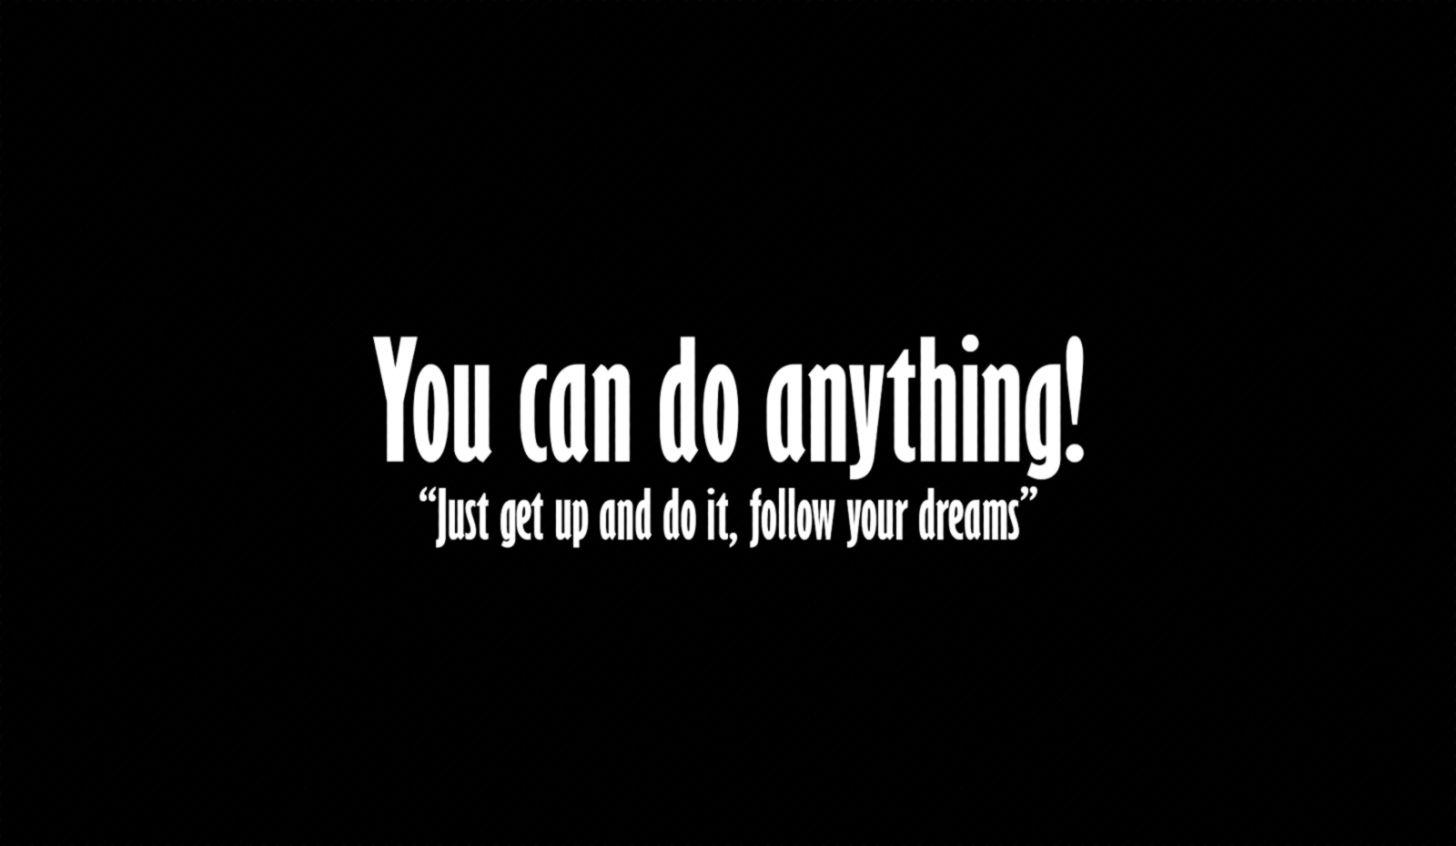 Motivation Wallpaper Hd Wallpapers